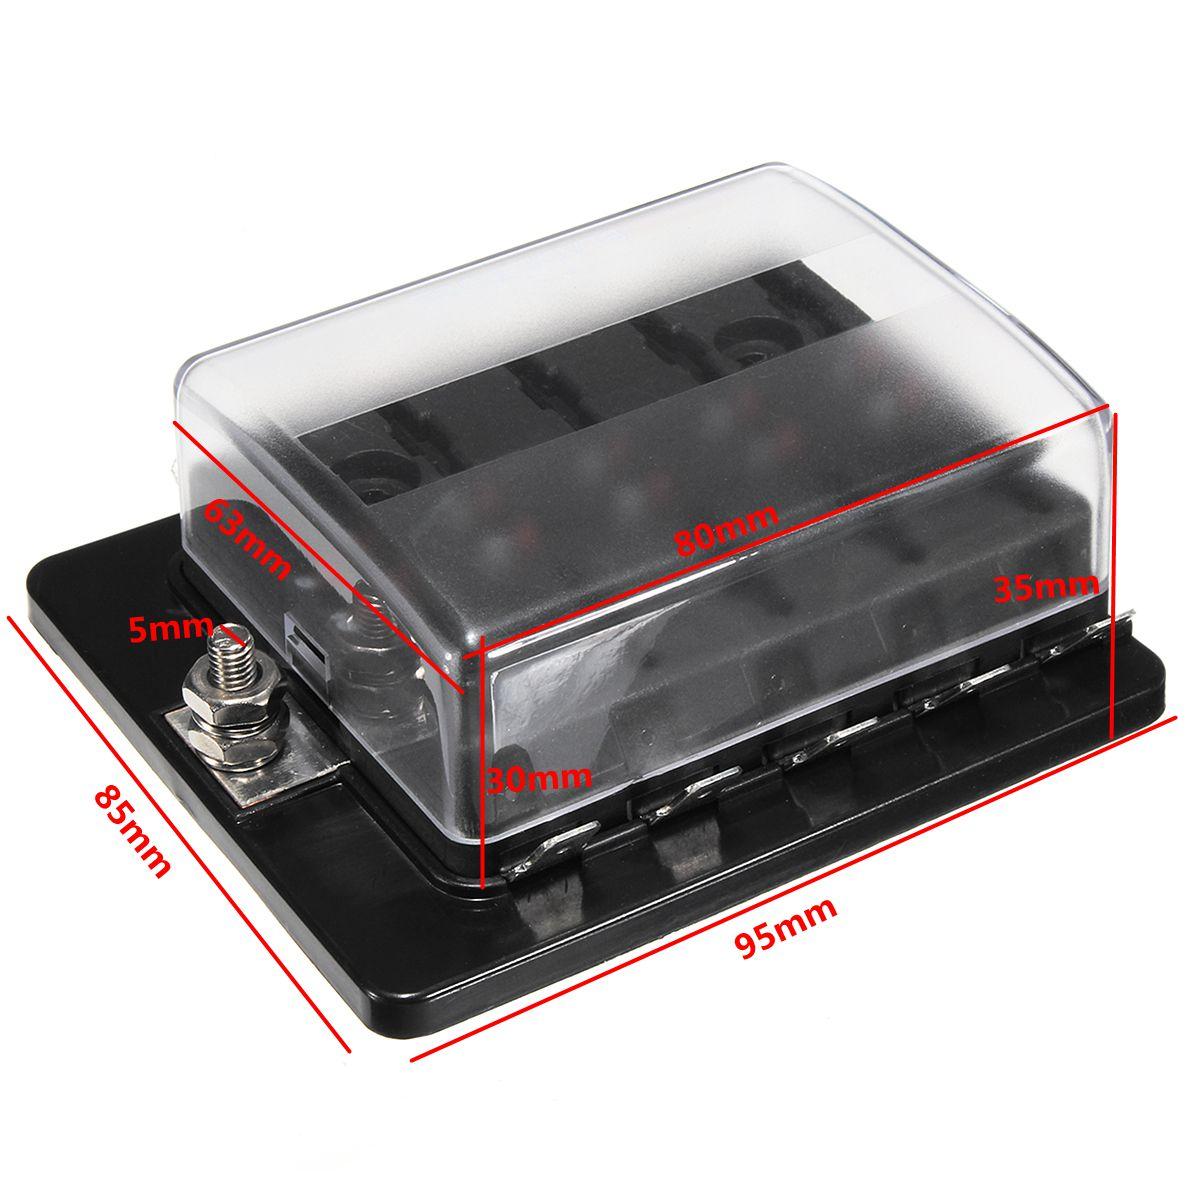 12V-32V 10 Way Blade Fuse Коннектор Держатель Коробка 5-30A с LED Предупредительный световой сигнал Набор Набор для Авто - фото 78205b08-9ffa-4a93-af8f-49948d01d870.jpg